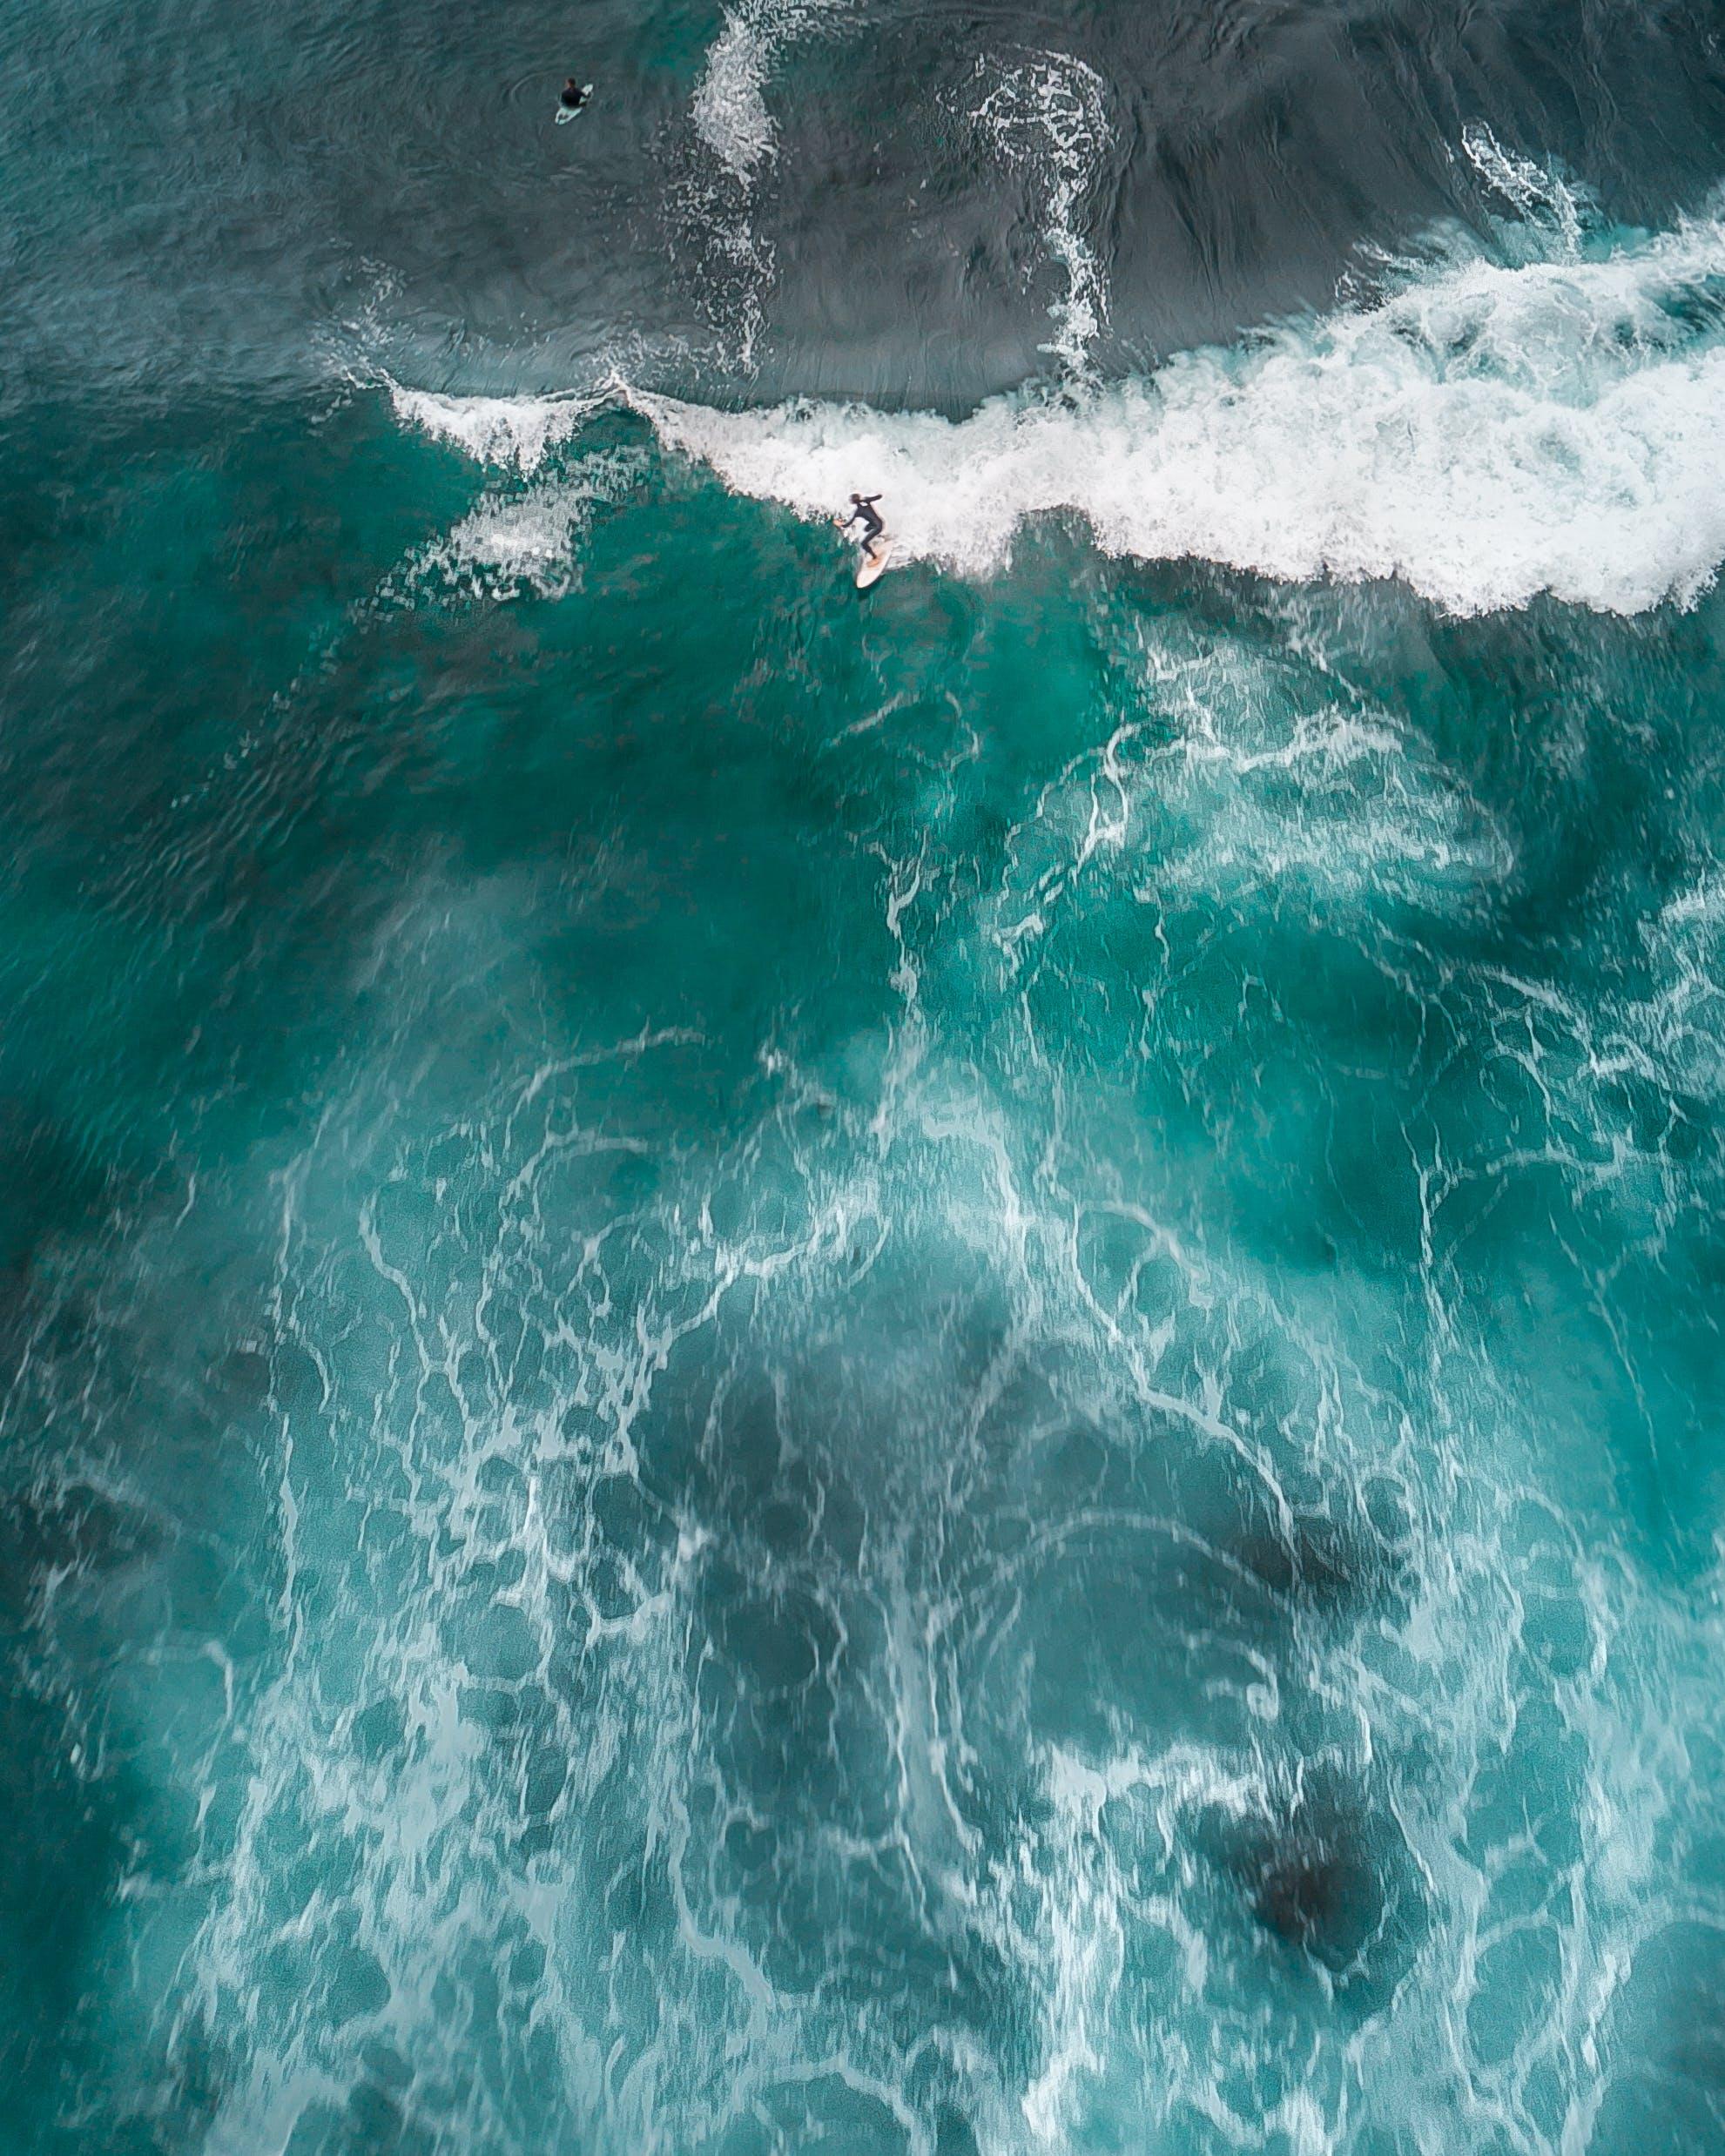 Gratis lagerfoto af bølger, dronefotografering, droneoptagelse, fritid